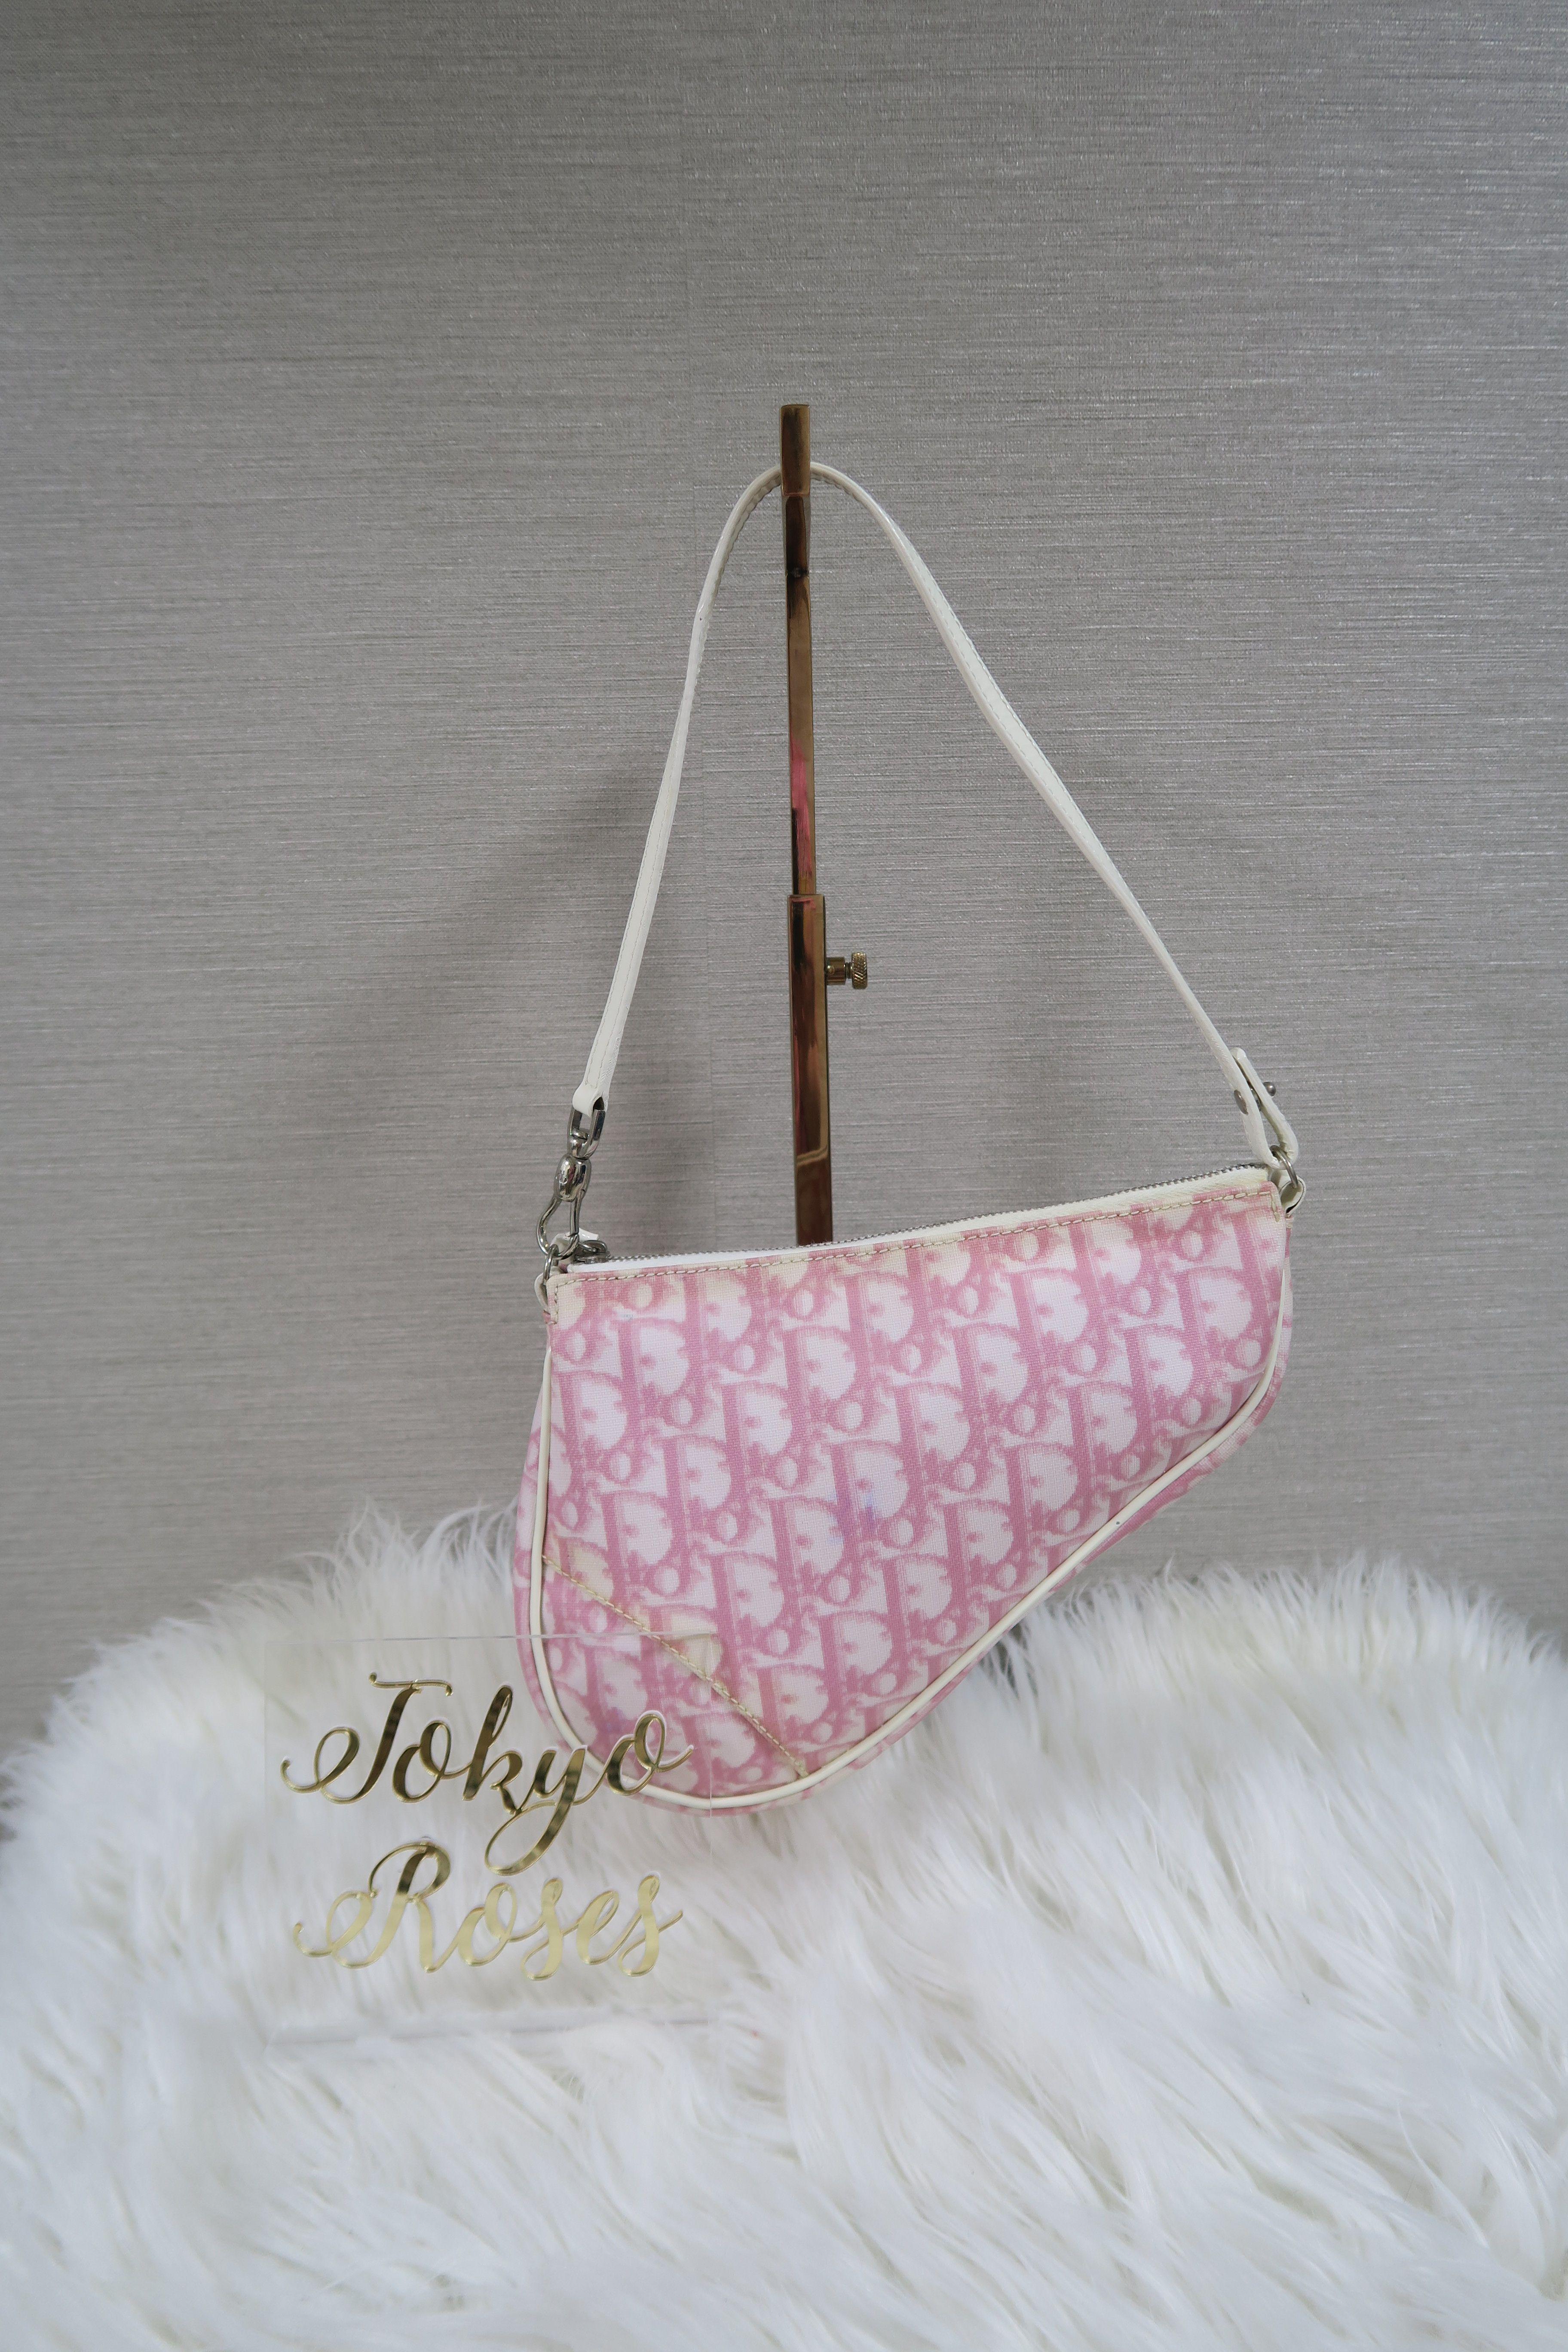 ee9054d2f72 Christian Dior Trotter Monogram Print Saddle Bag Pink & White 1 ...